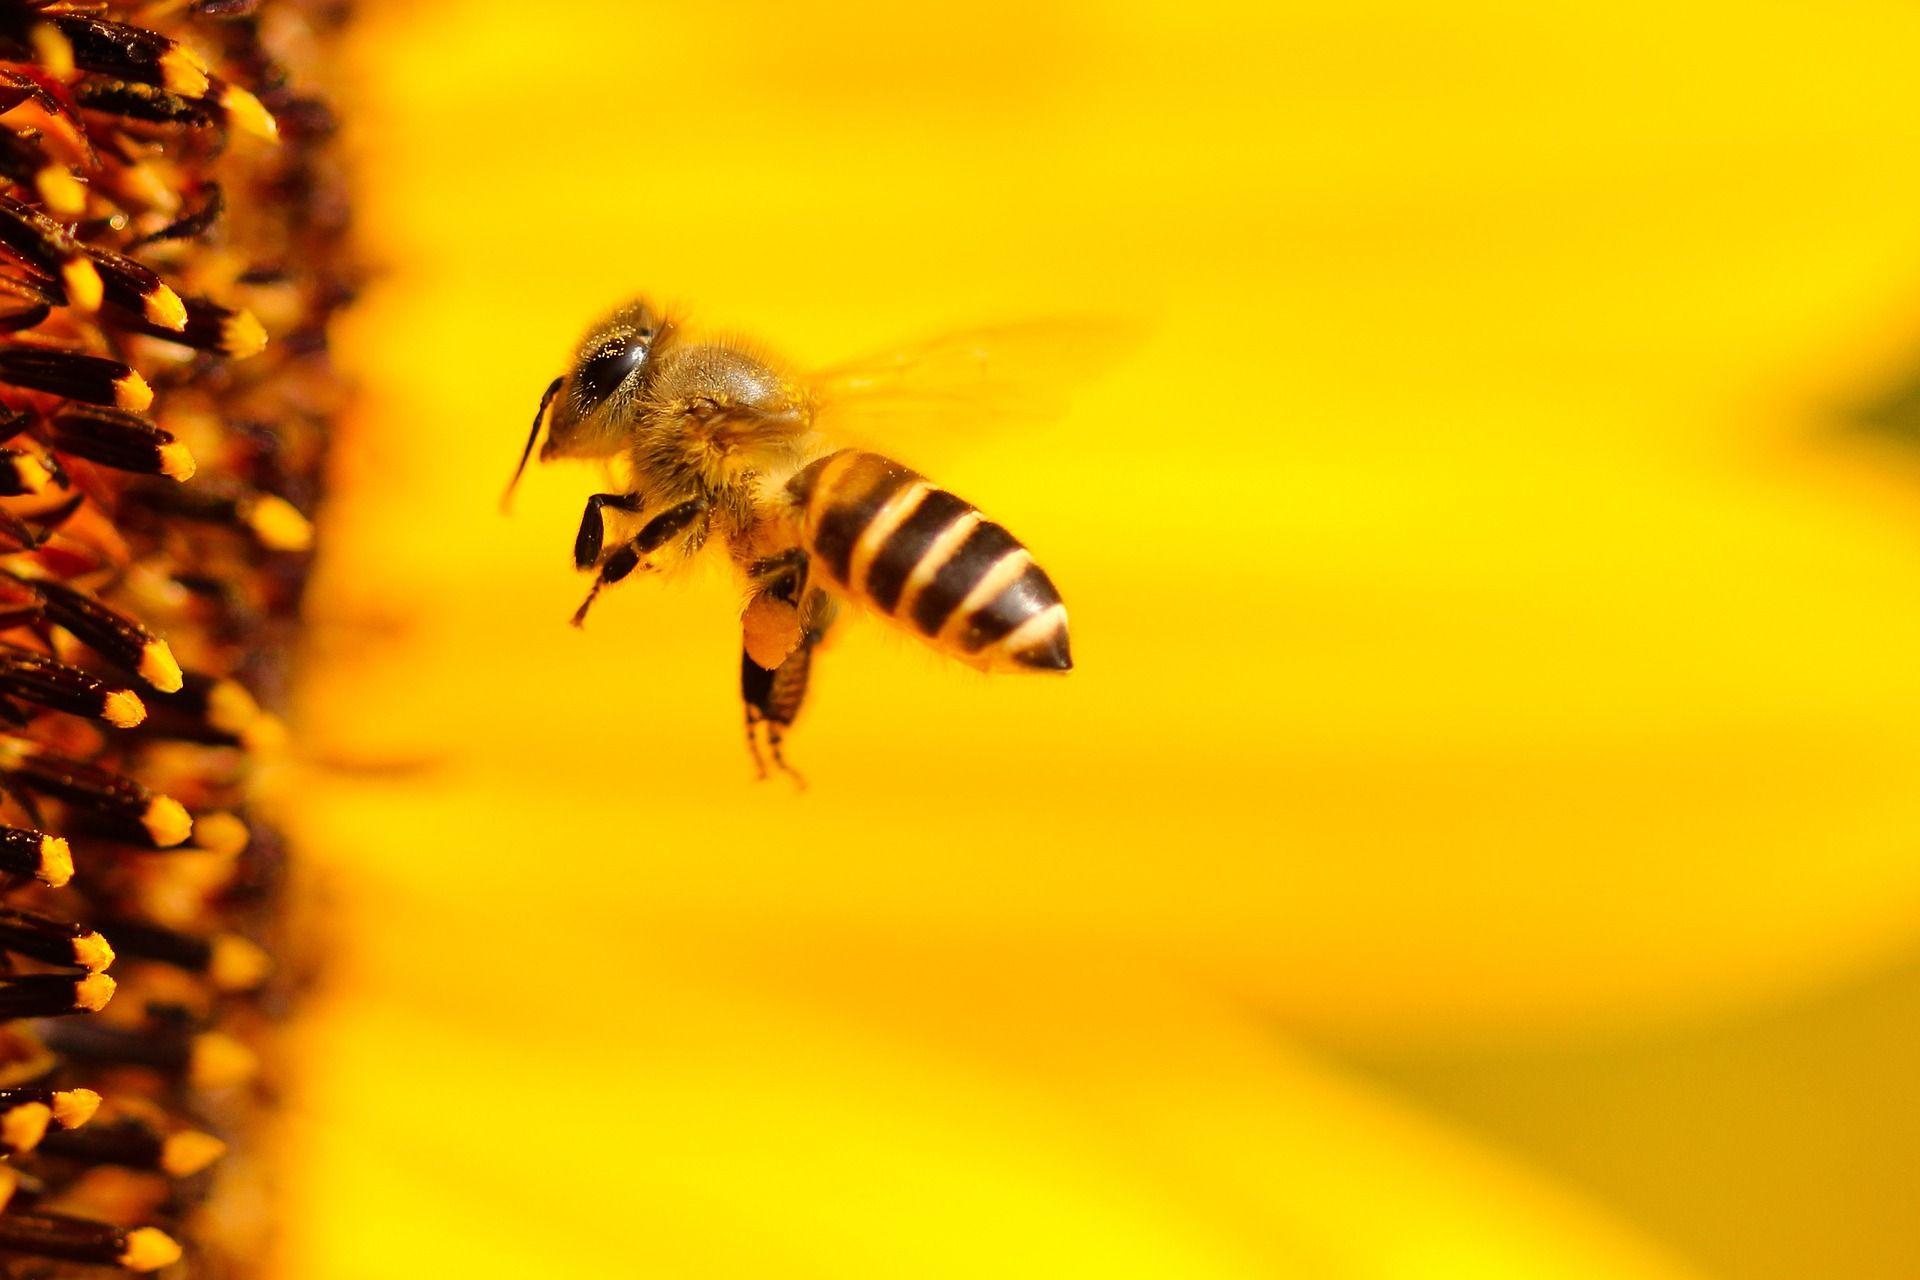 problemas medioambientales, la importancia de las abejas